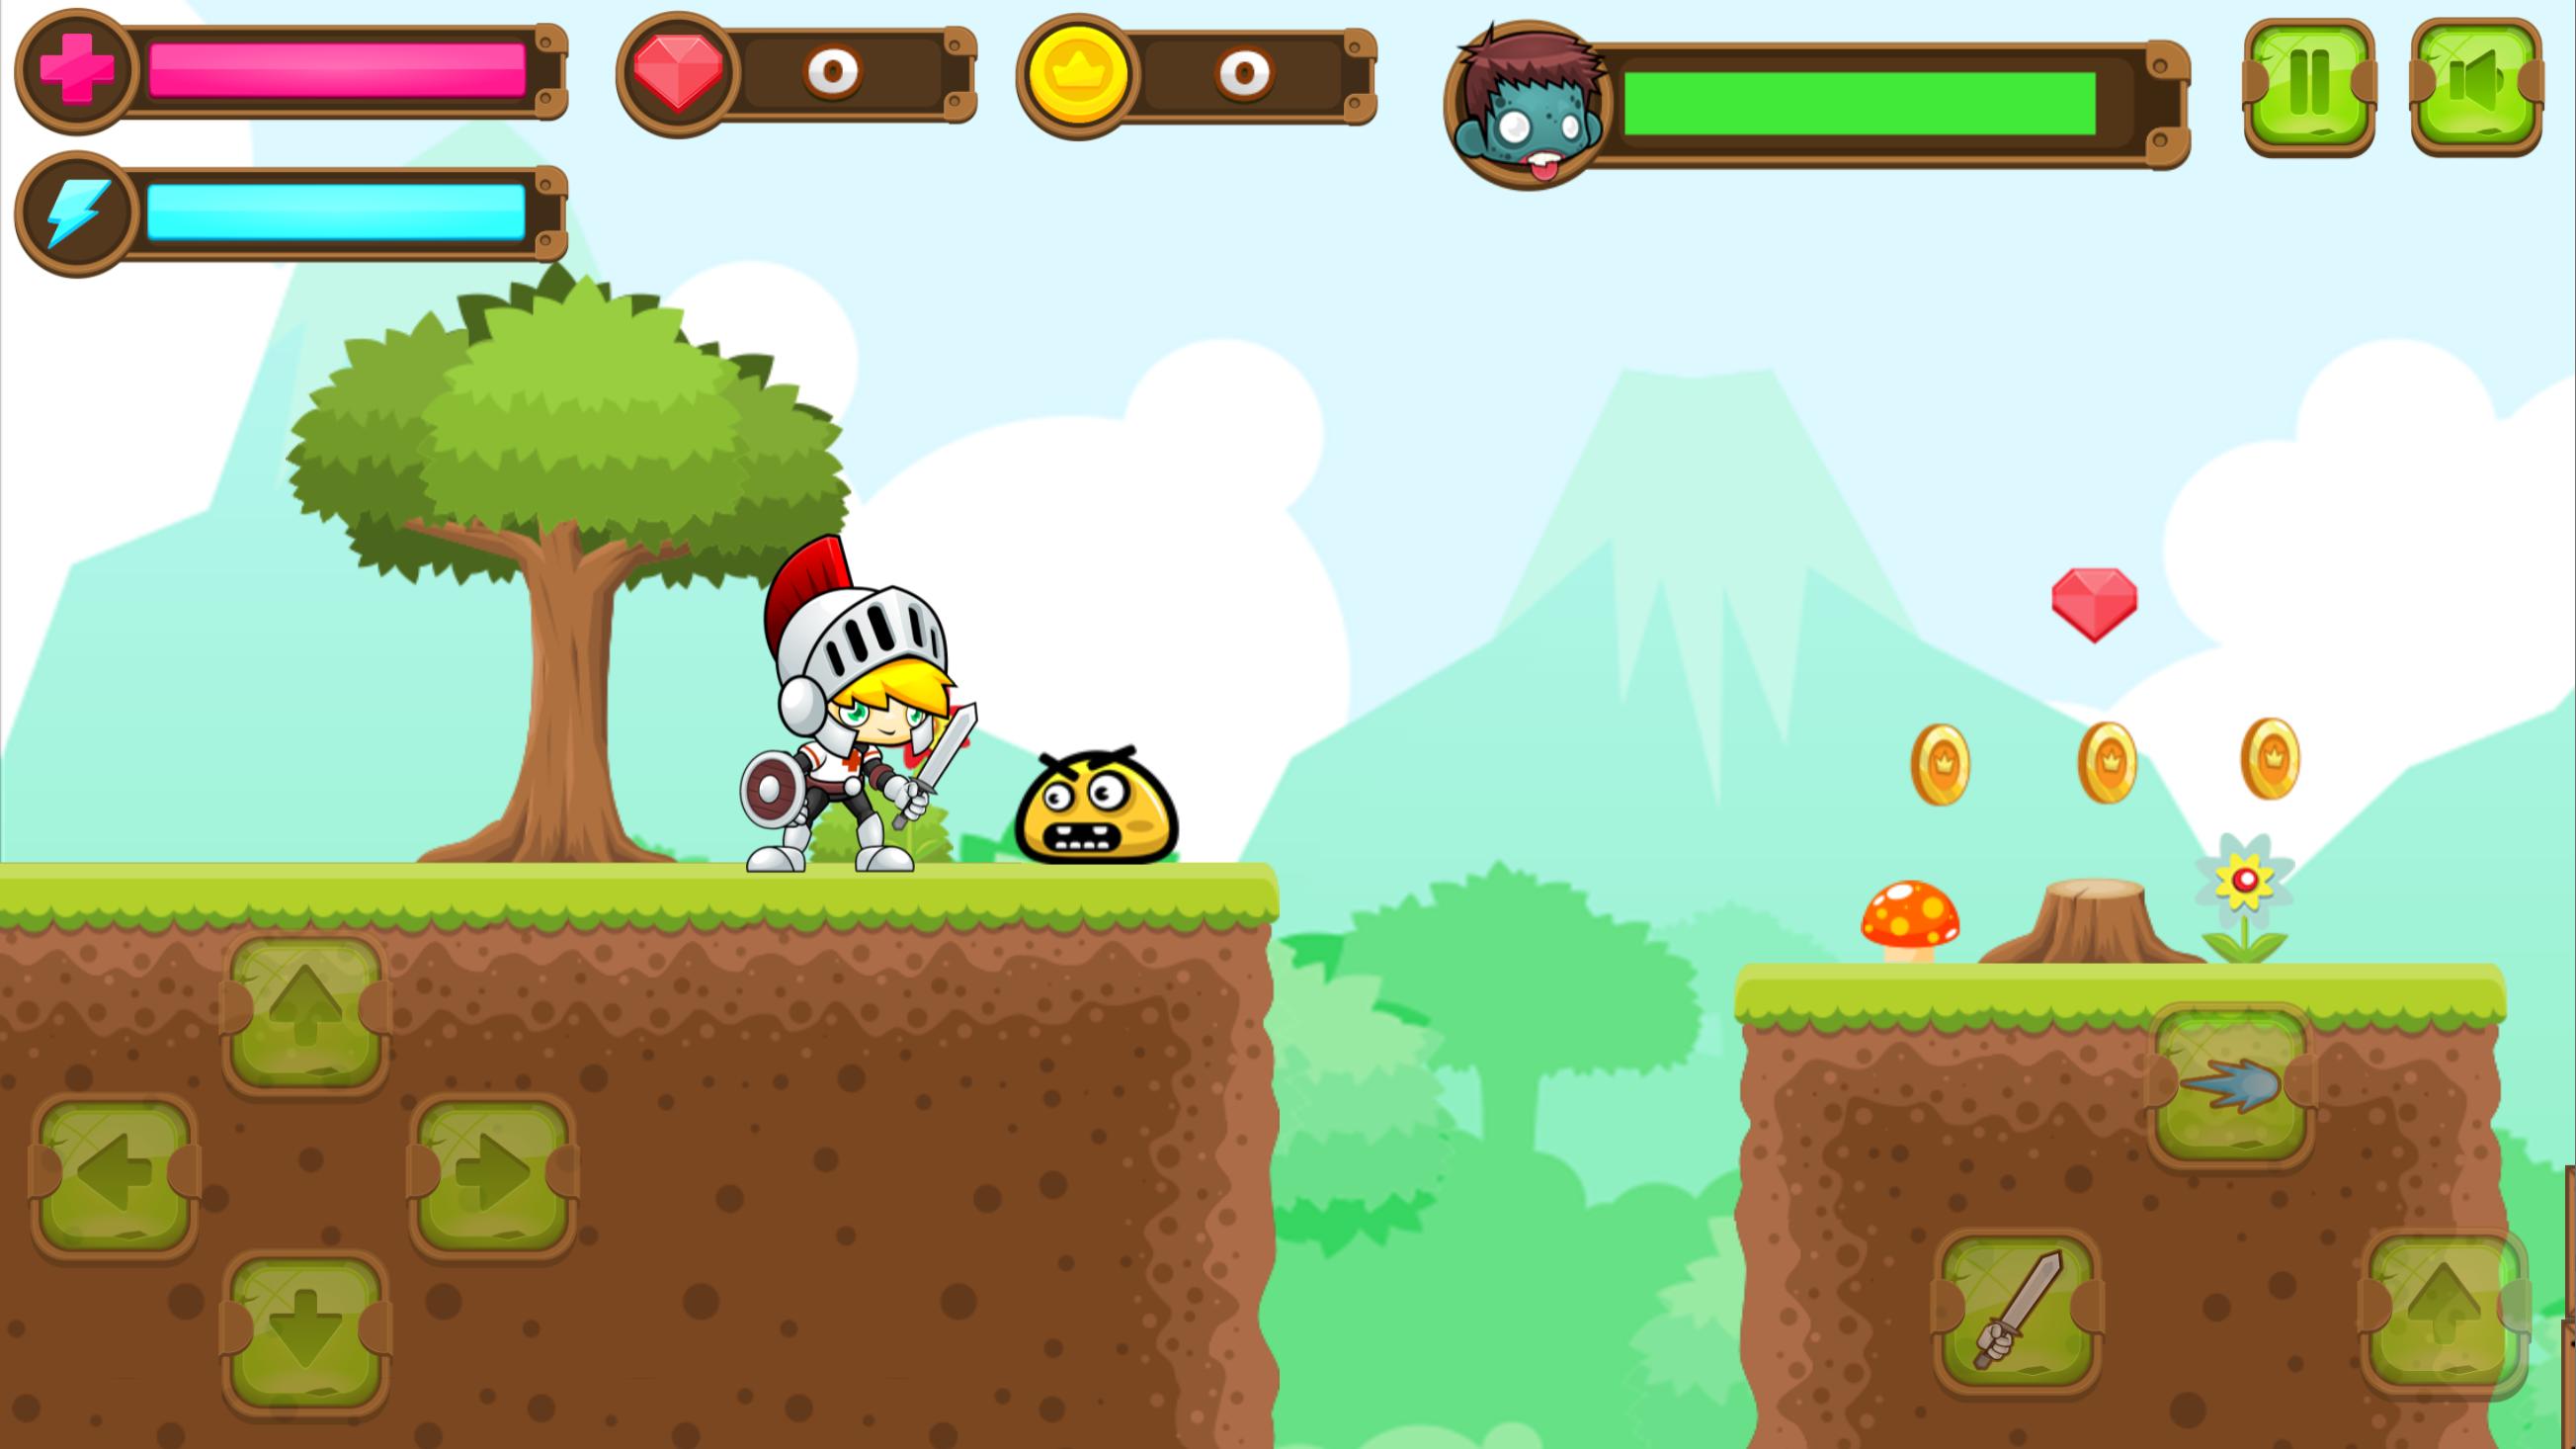 Super Knight Adventure Game Screenshot.